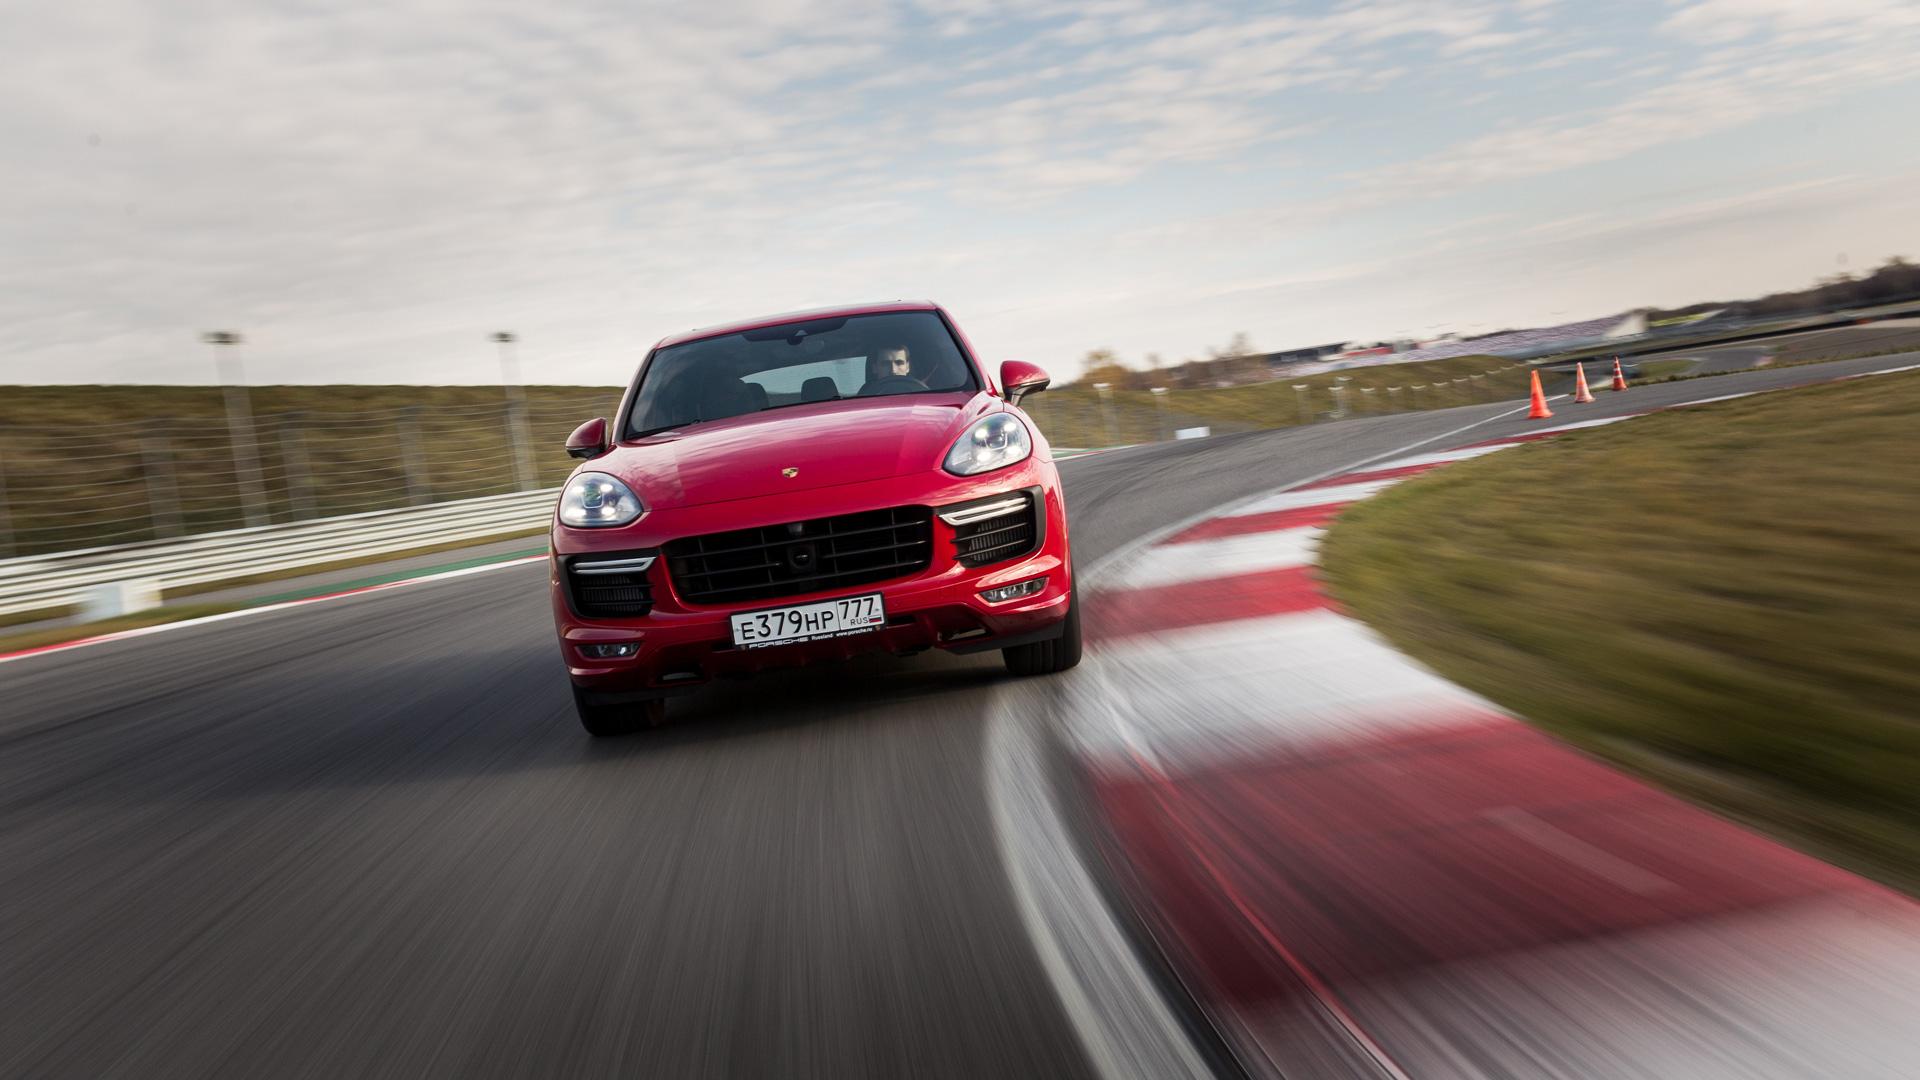 Насыщенный тест всех версий Porsche Macan и Cayenne в трех стихиях – на шоссе, треке и бездорожье. Фото 7